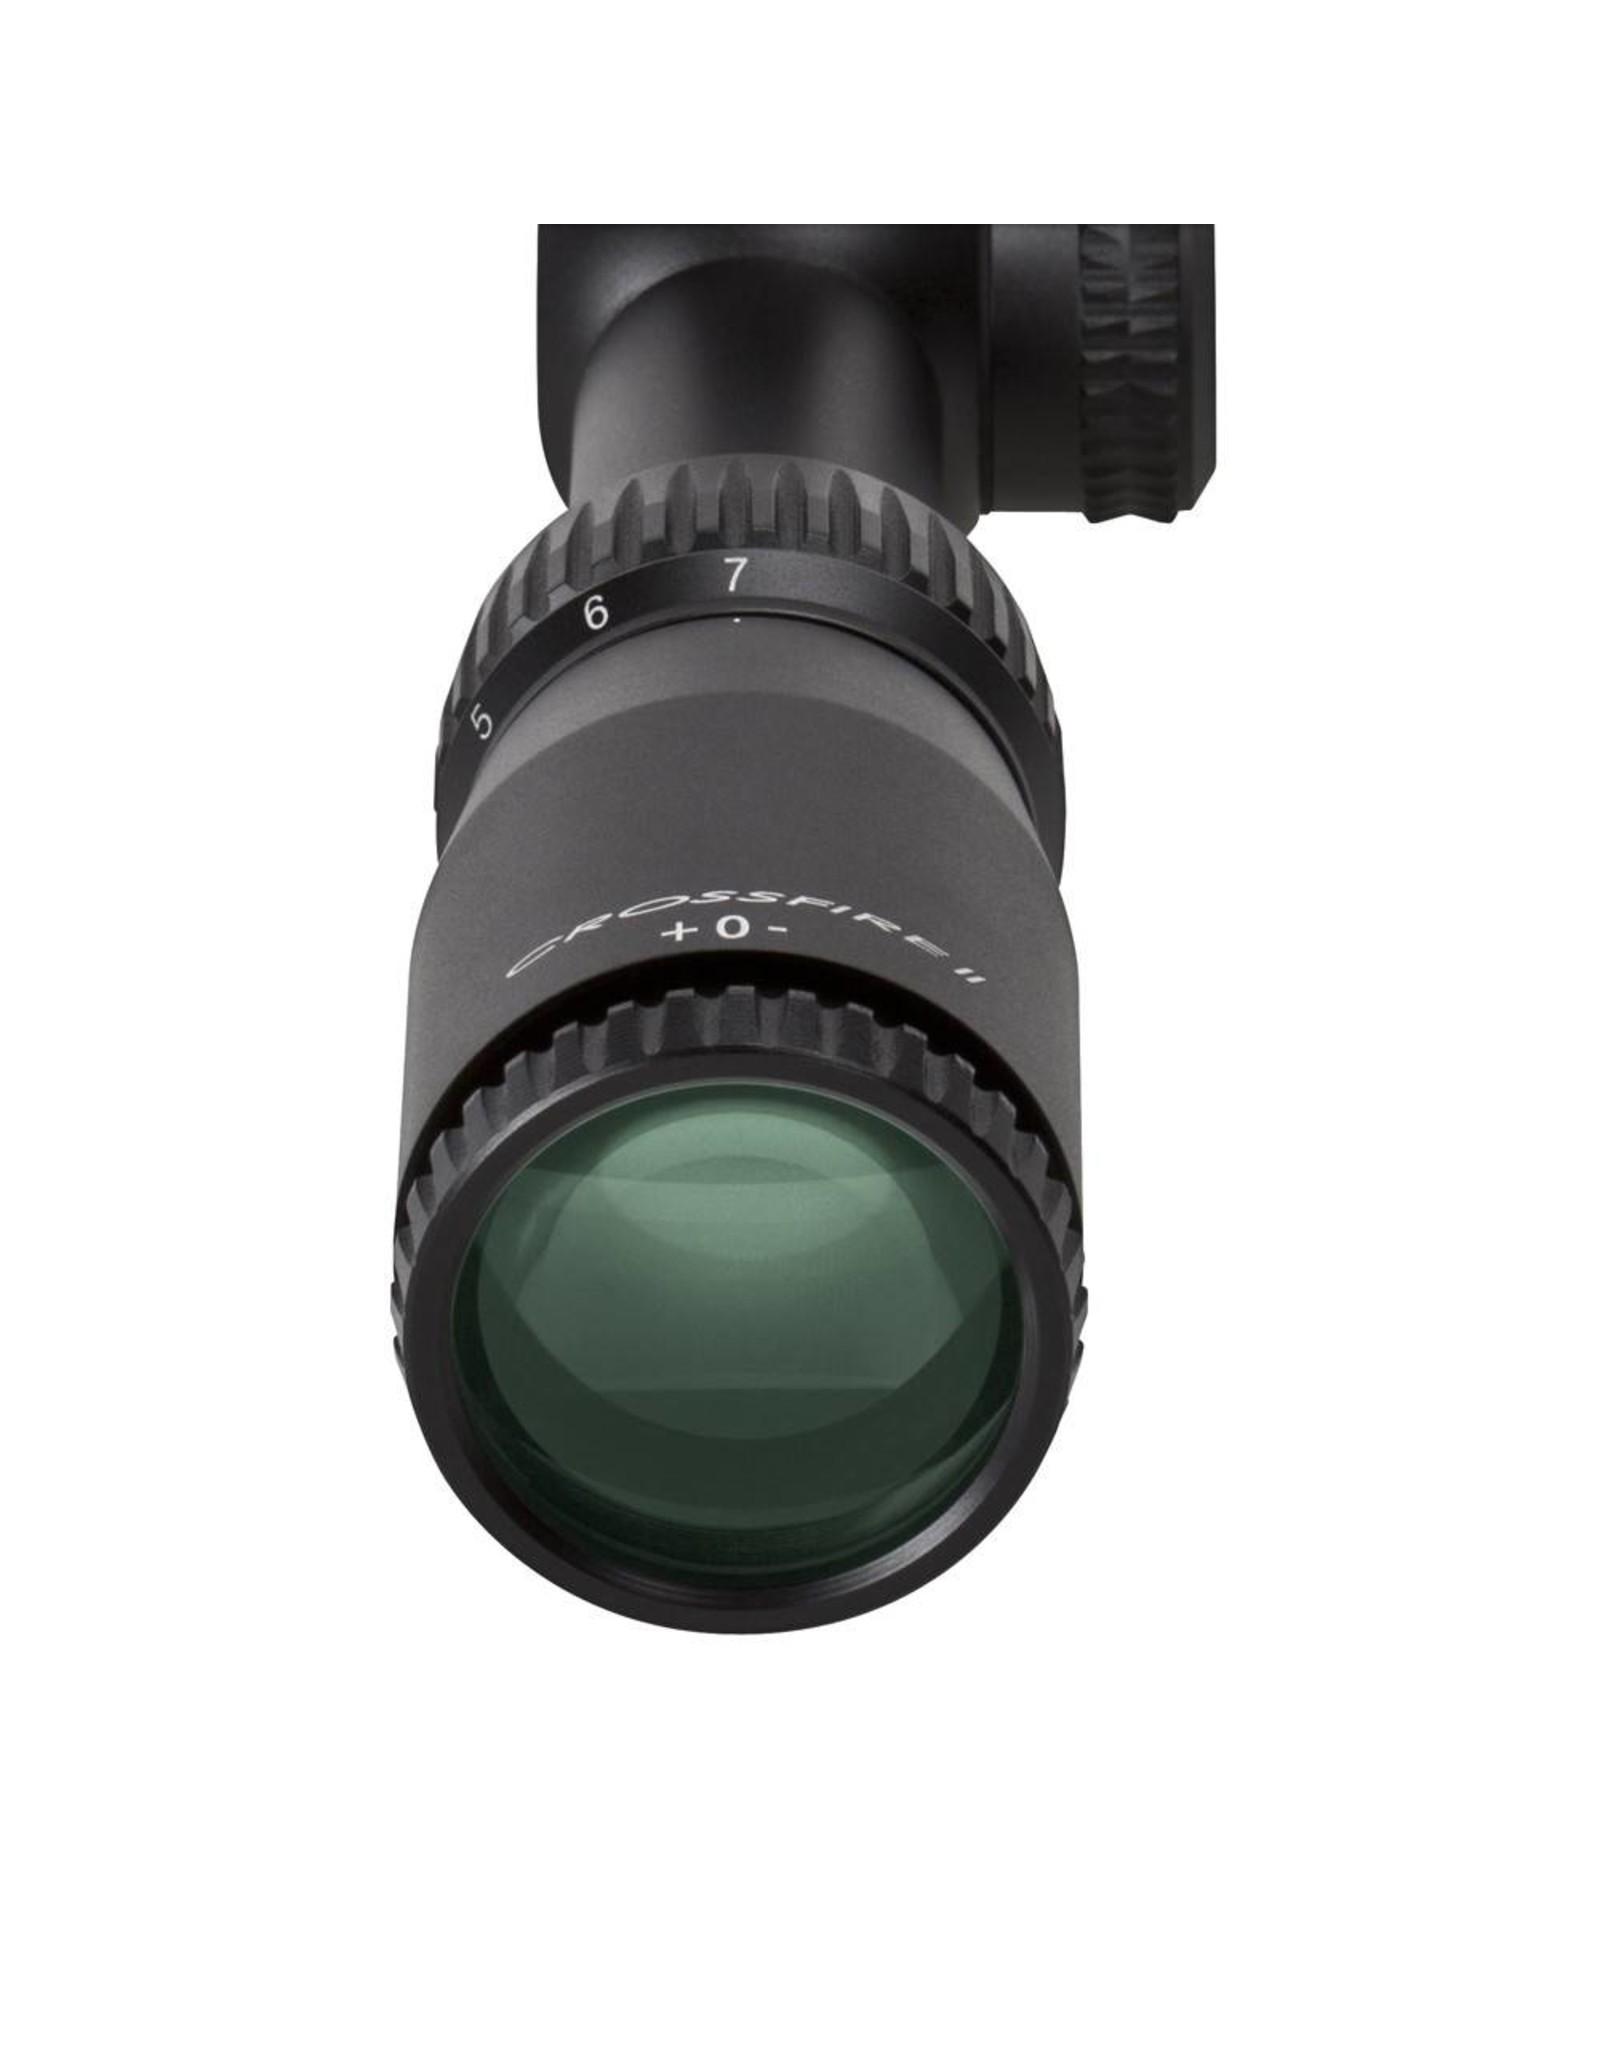 Vortex Vortex Crossfire II 2-7x32 Riflescope V-Plex